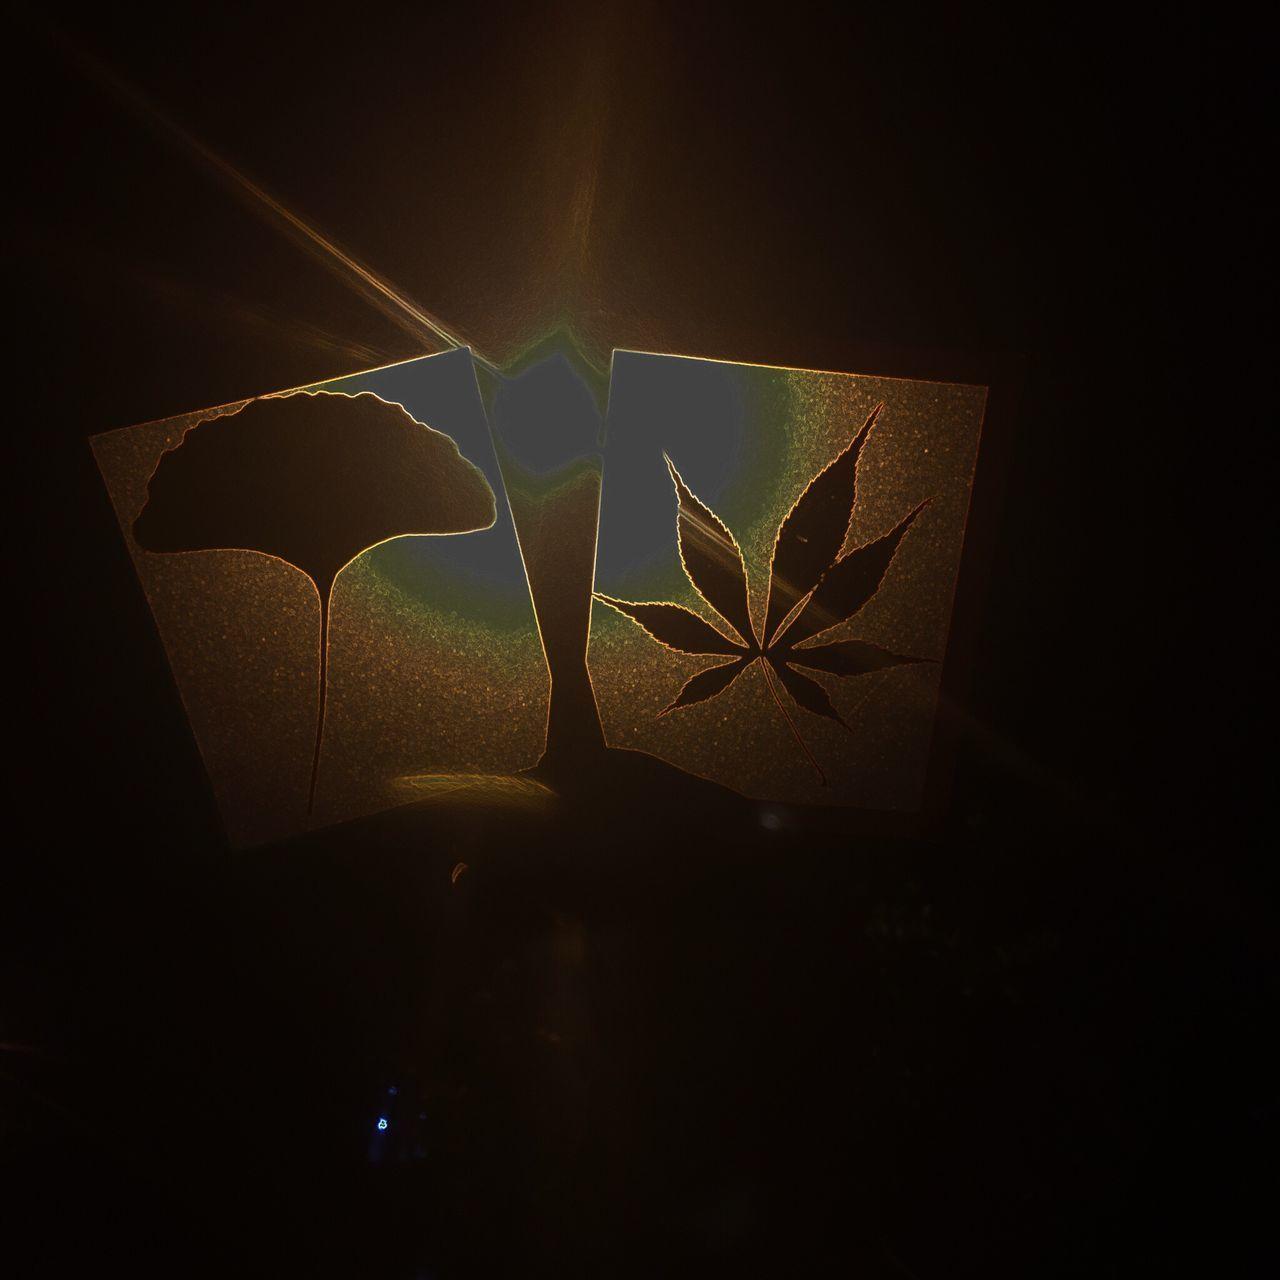 night, no people, leaf, indoors, illuminated, close-up, black background